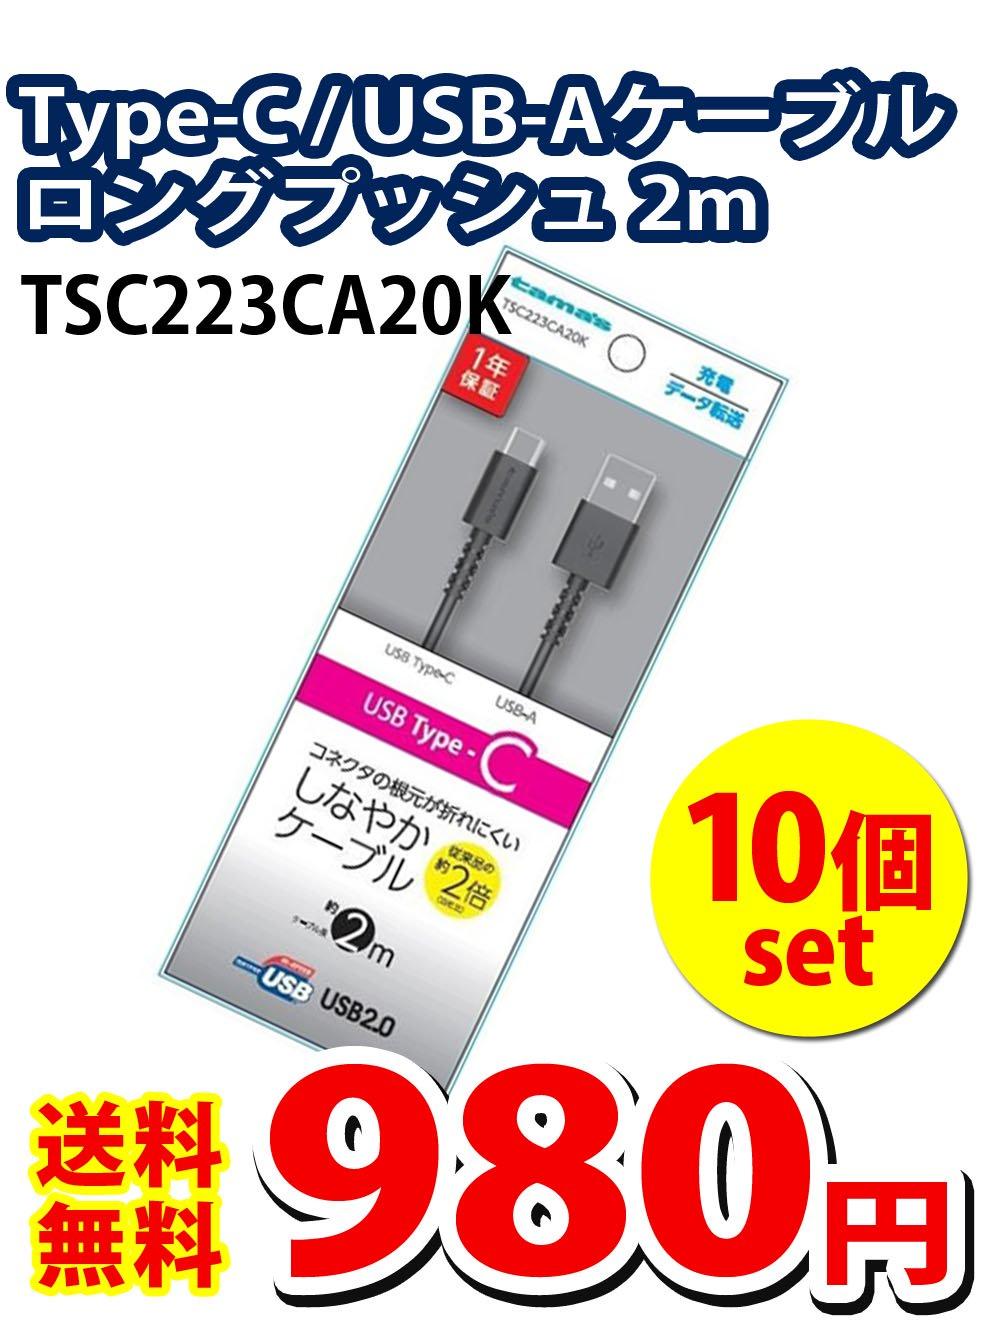 【送料無料】TTSC223CA20K C-USBA 2M BK【10個セット】980円